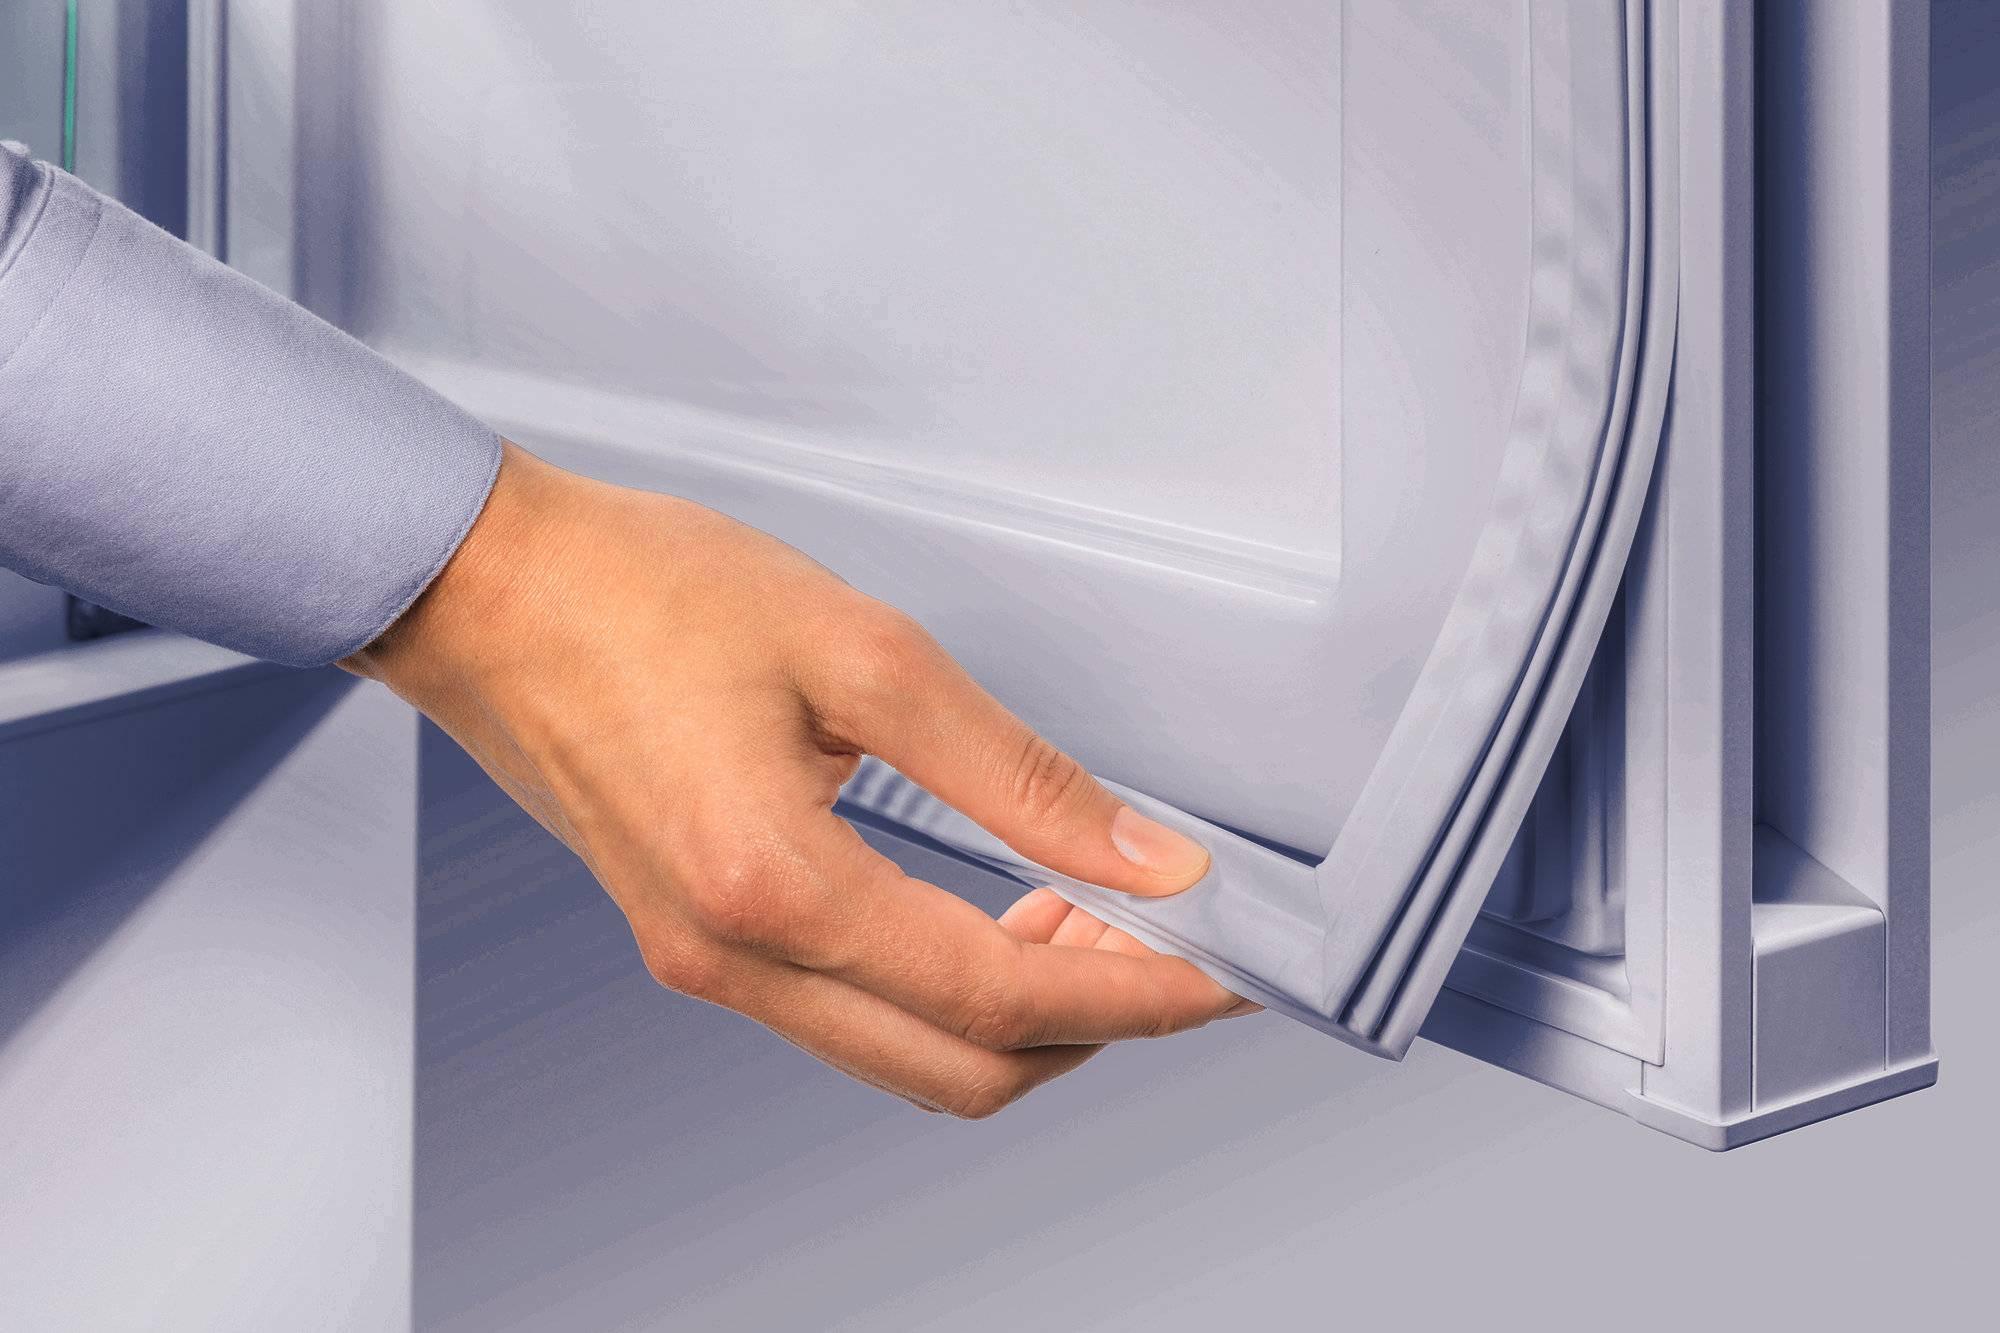 Как происходит замена уплотнительной резинки на холодильнике